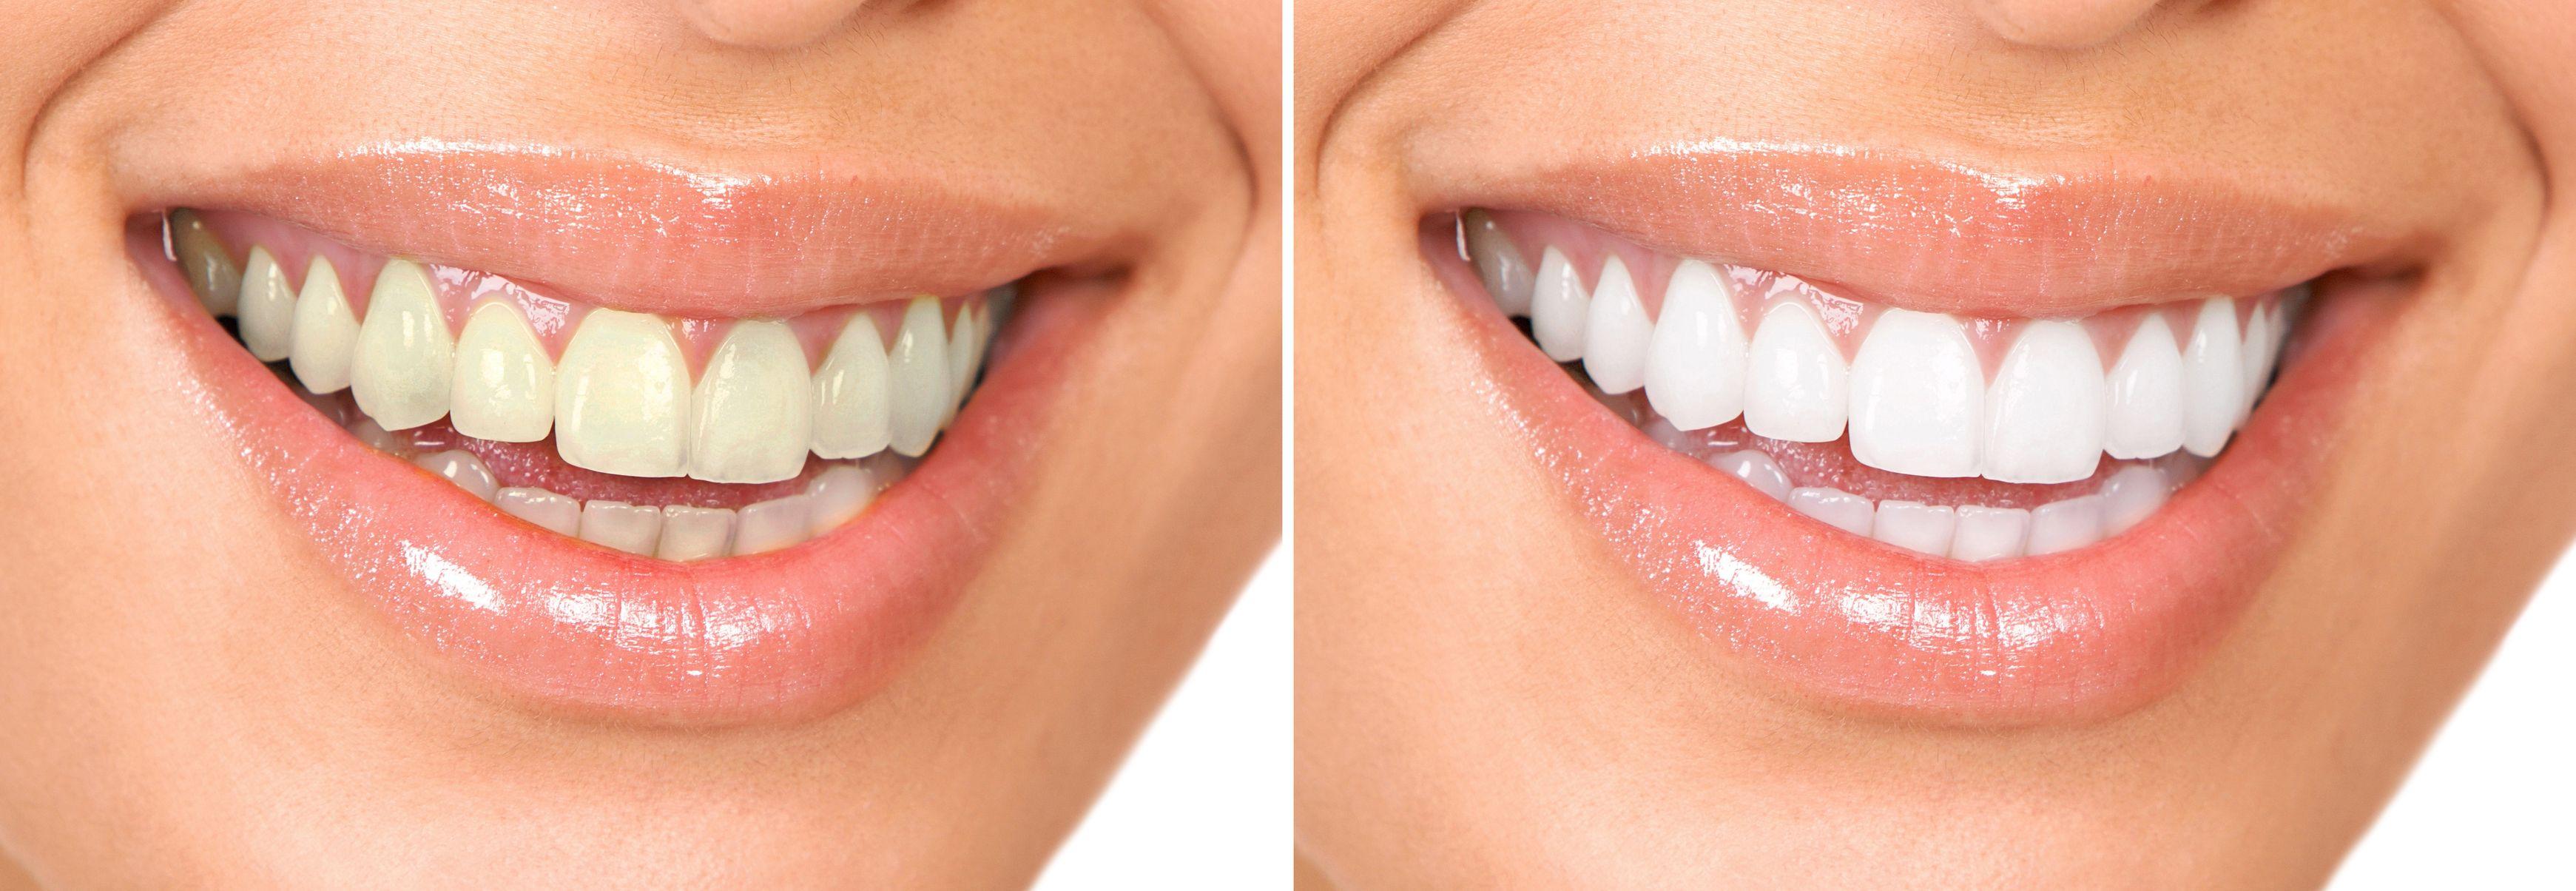 41017 Dental Office